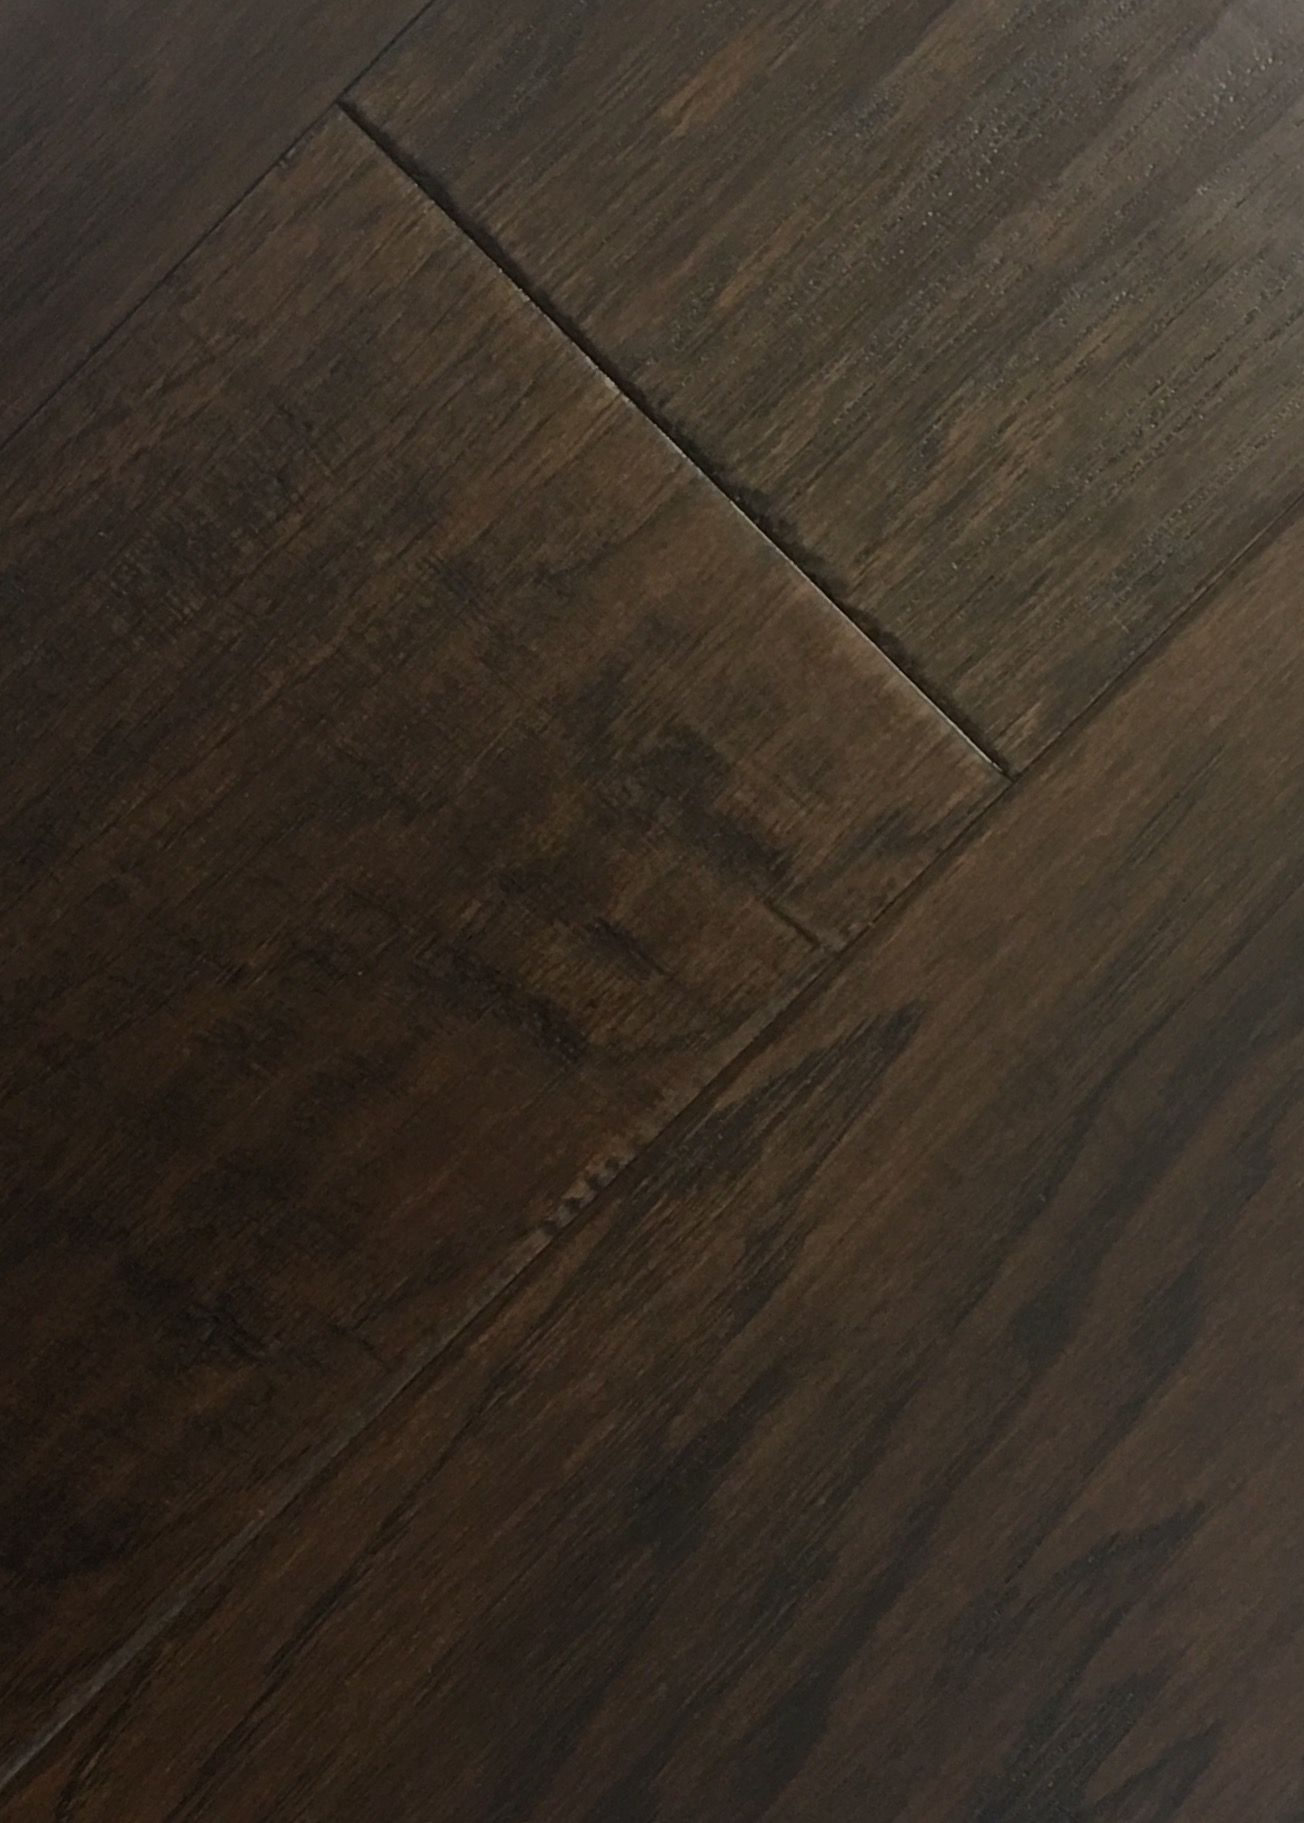 Hardwood Floor Contractors photo of sycamore hardwood floors sycamore il united states Mouna Envy 7 34 Hickory Hardwood Flooring Contractor In San Antonio